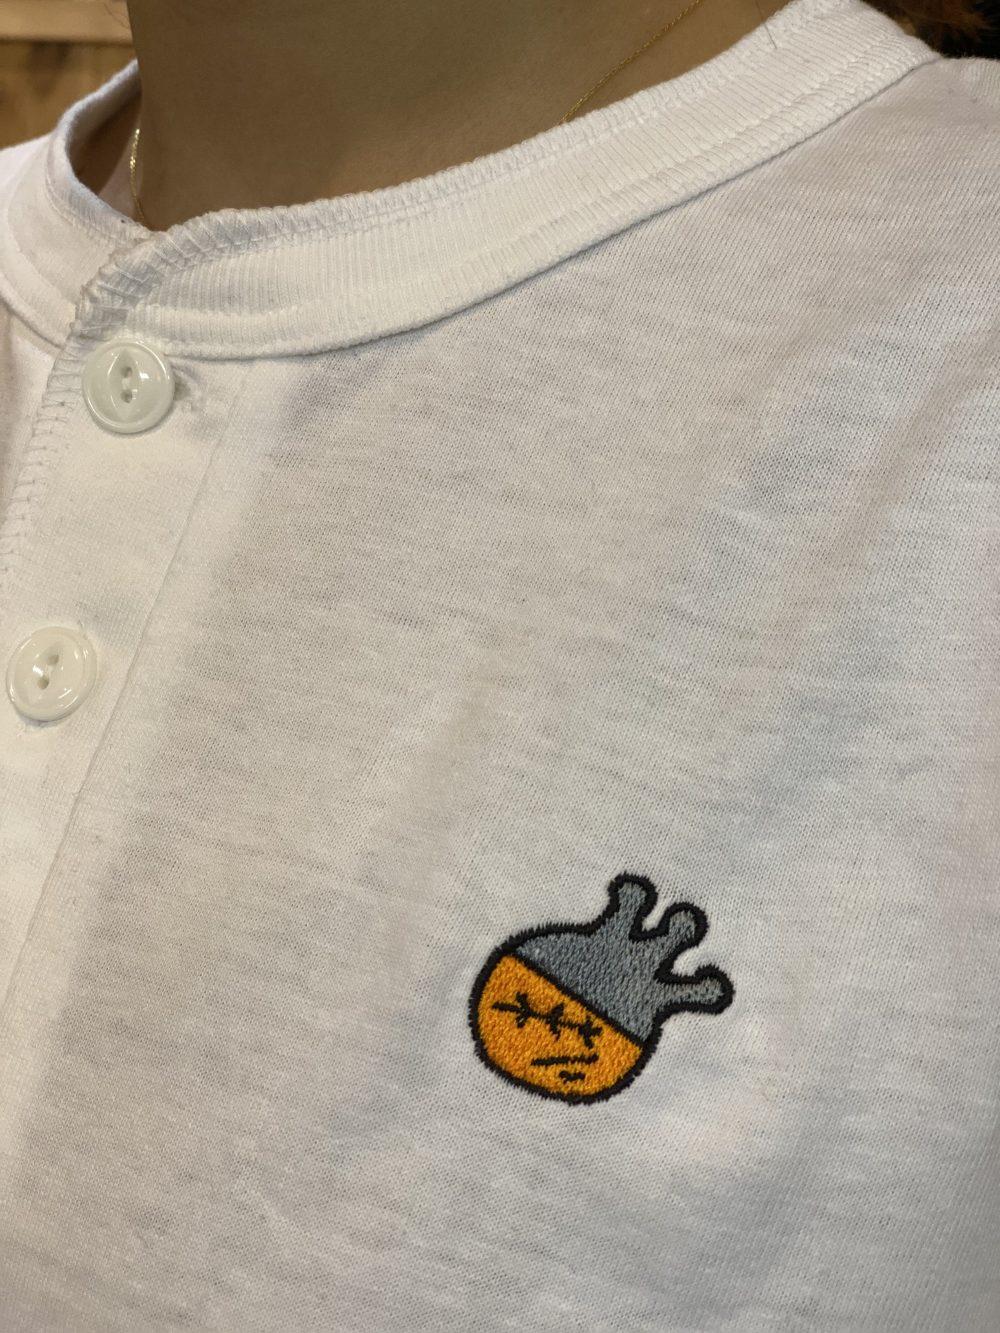 ヘンリーネックTシャツの襟ボタンの拡大